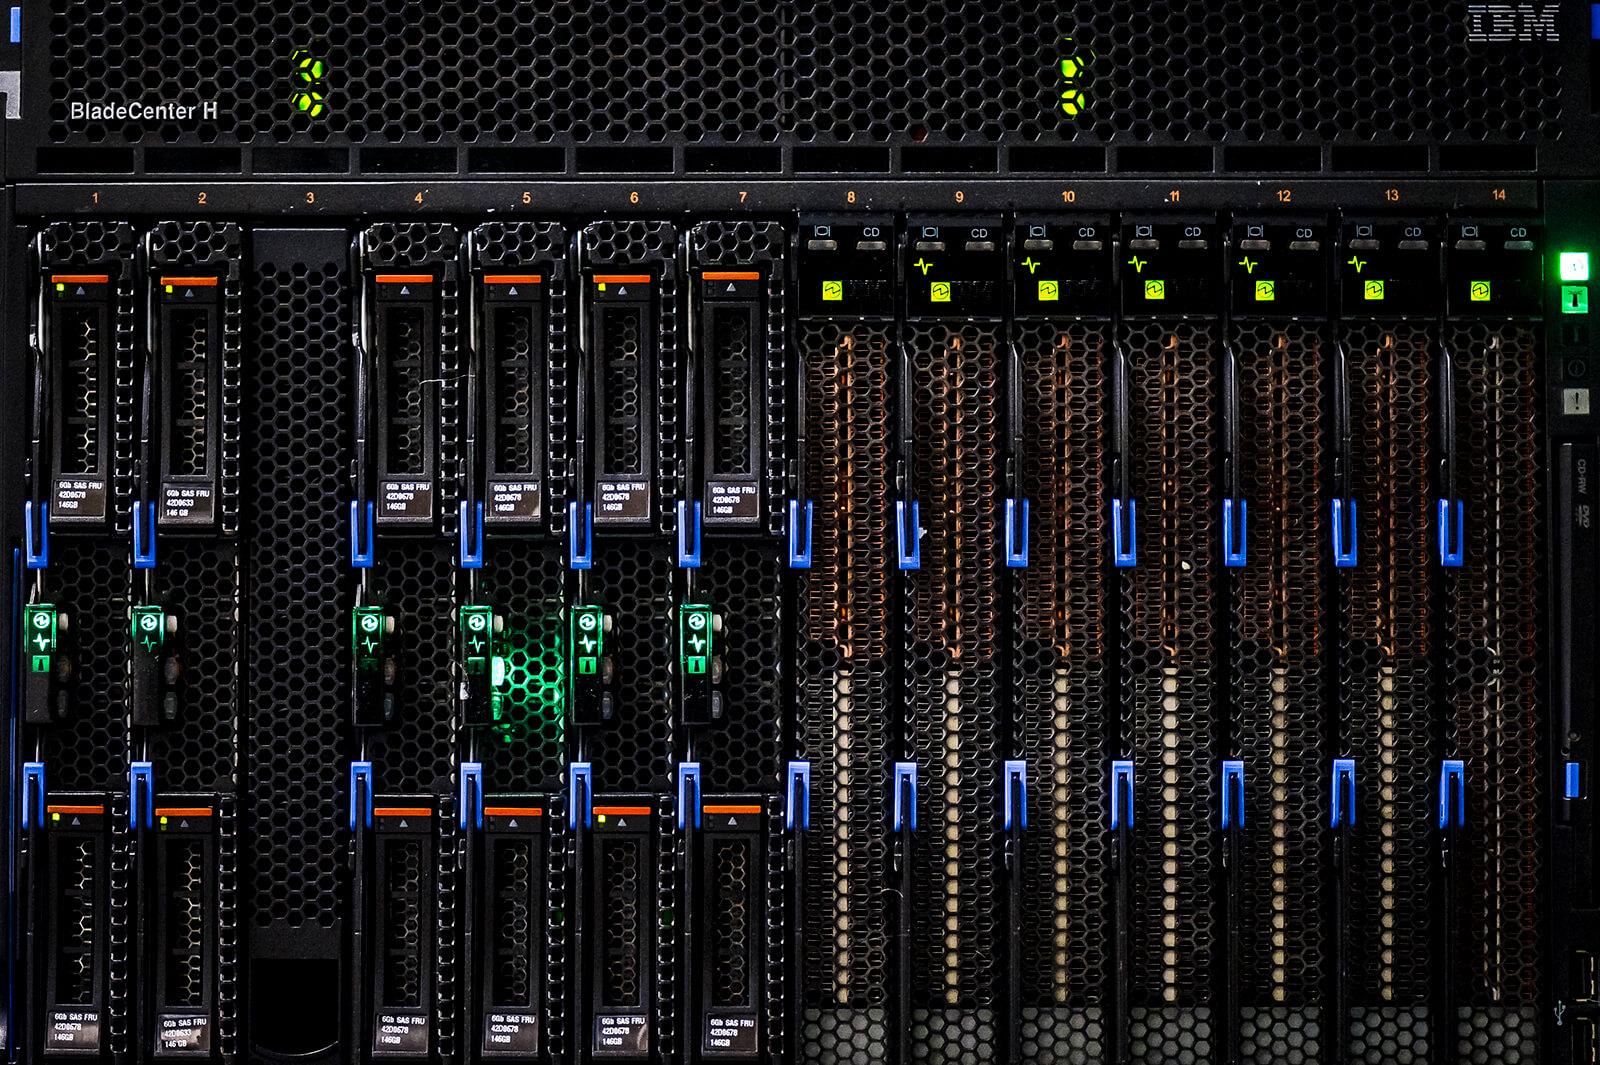 Alles zur IT-Systemberatung/Systemüberwachung und Netzwerken